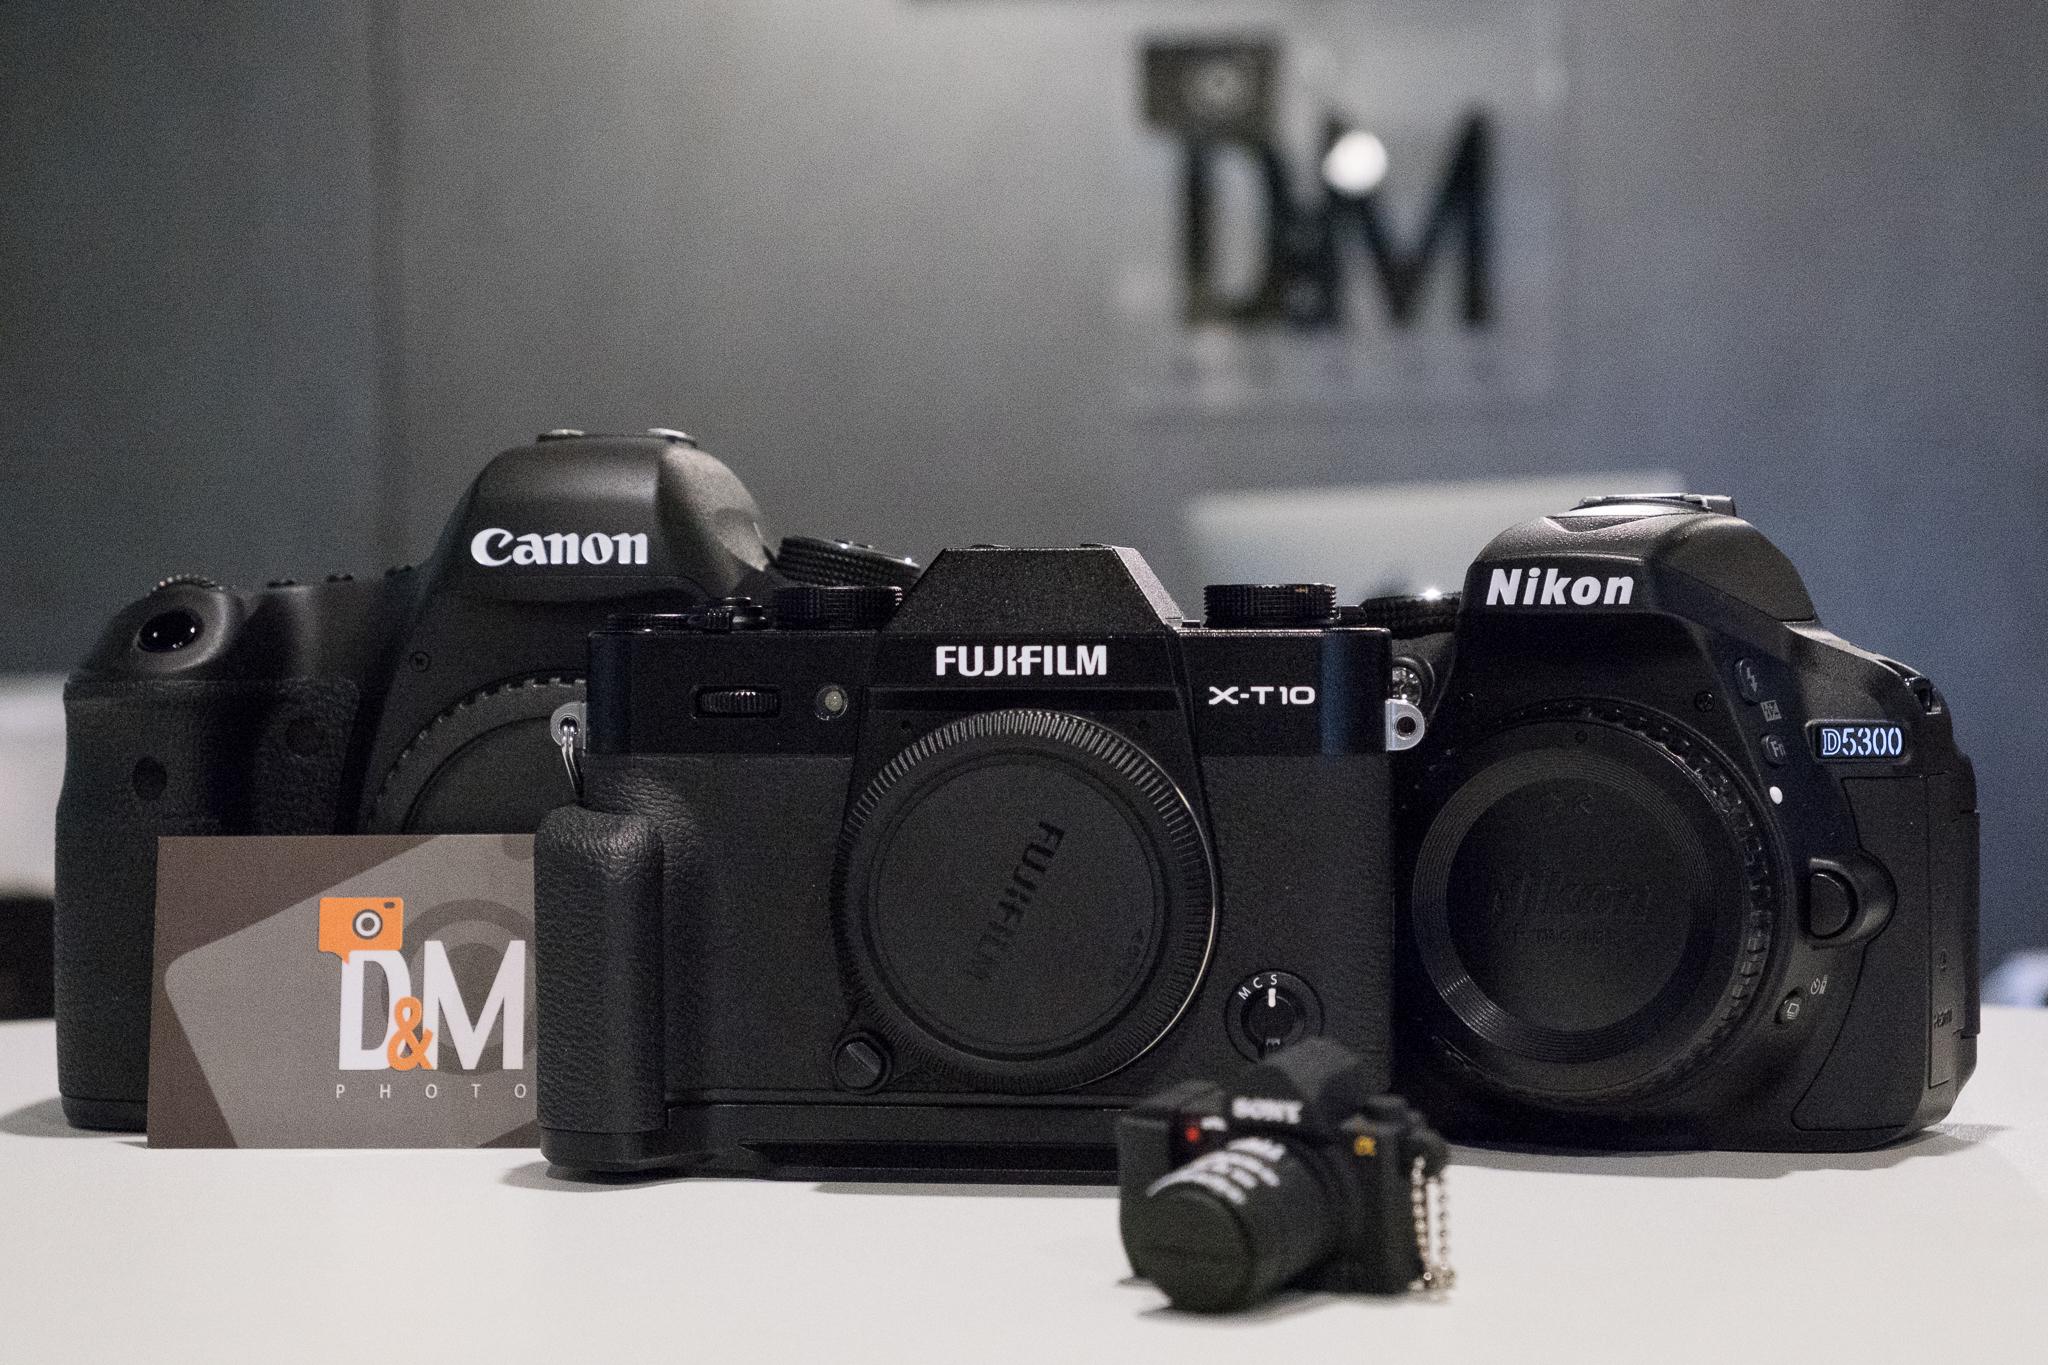 Câmera fotográfica: como escolher? — parte 2